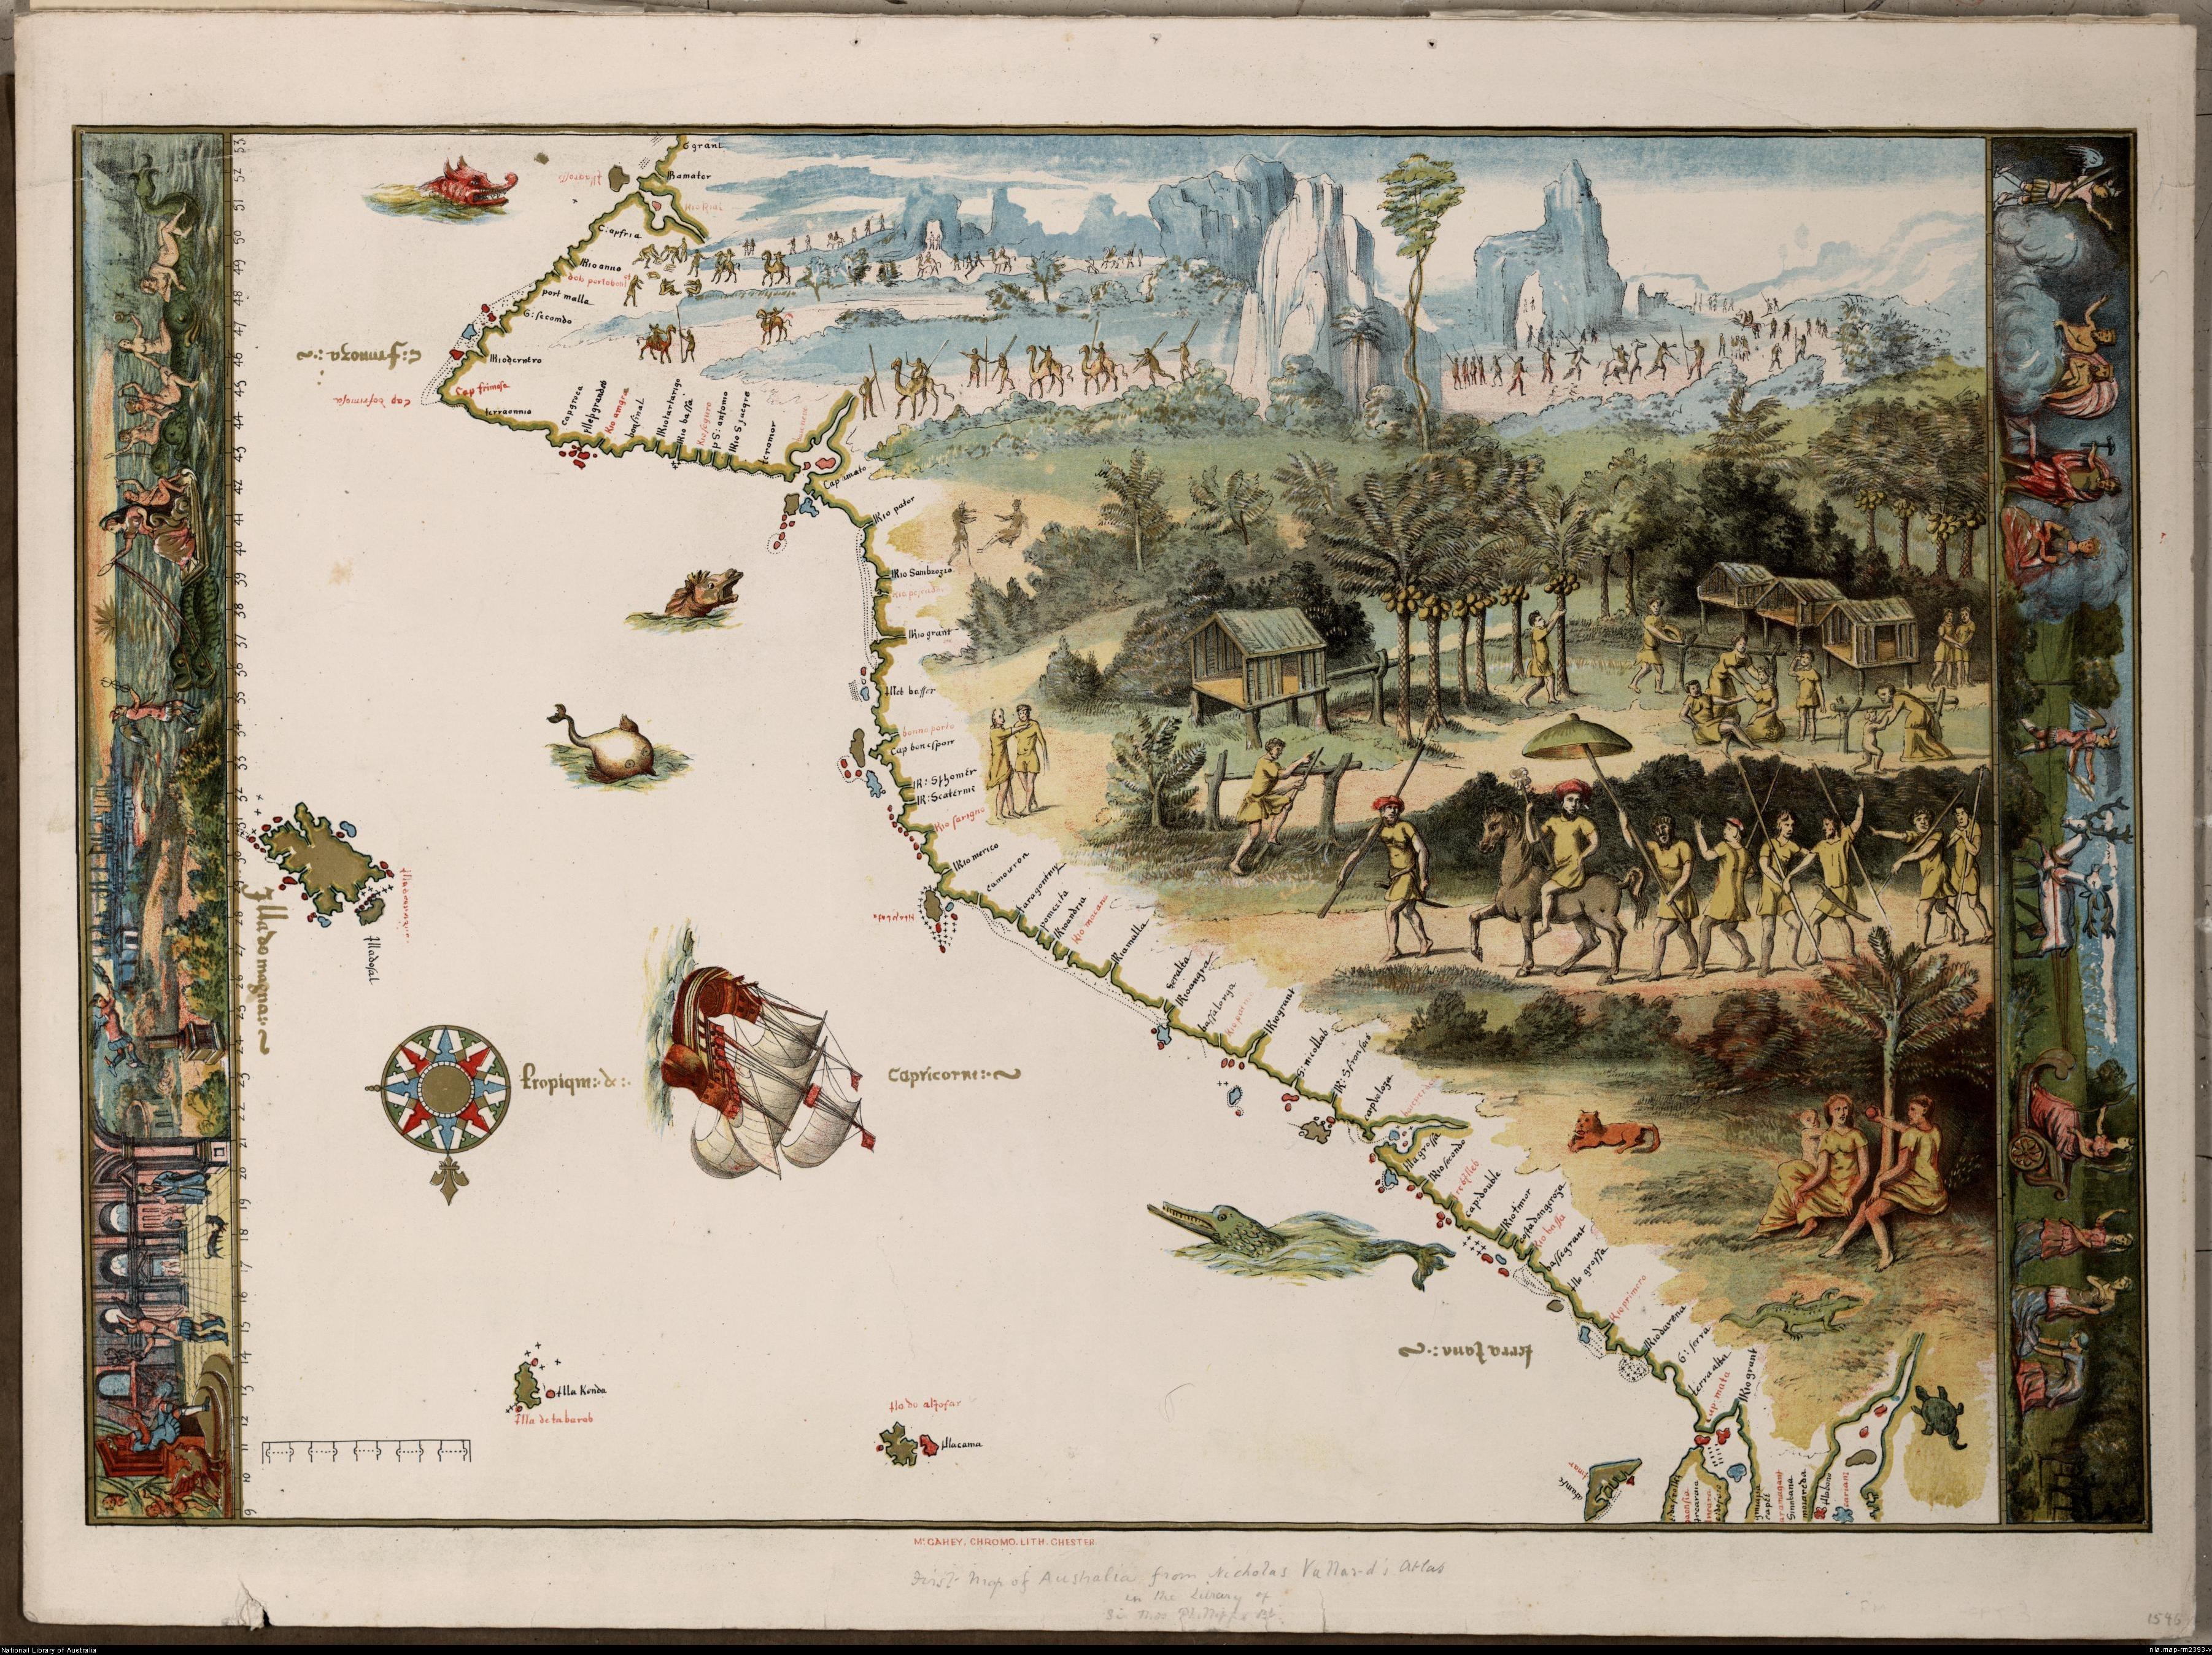 Die eerste kaart van Australië, soos gepubliseer in Nicholas Vallard se see-atlas van 1547